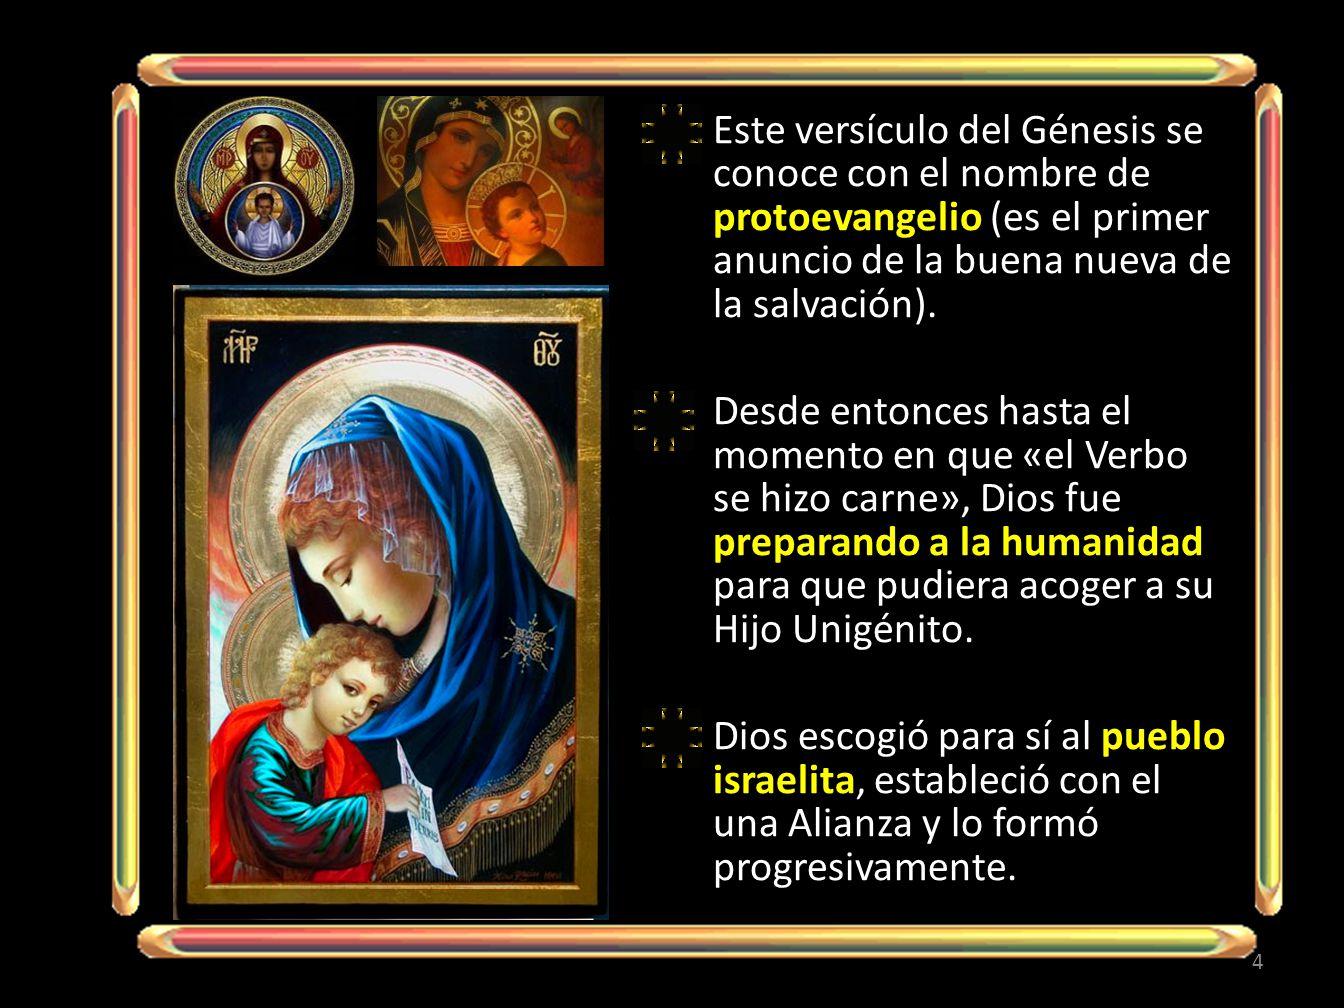 Este versículo del Génesis se conoce con el nombre de protoevangelio (es el primer anuncio de la buena nueva de la salvación).